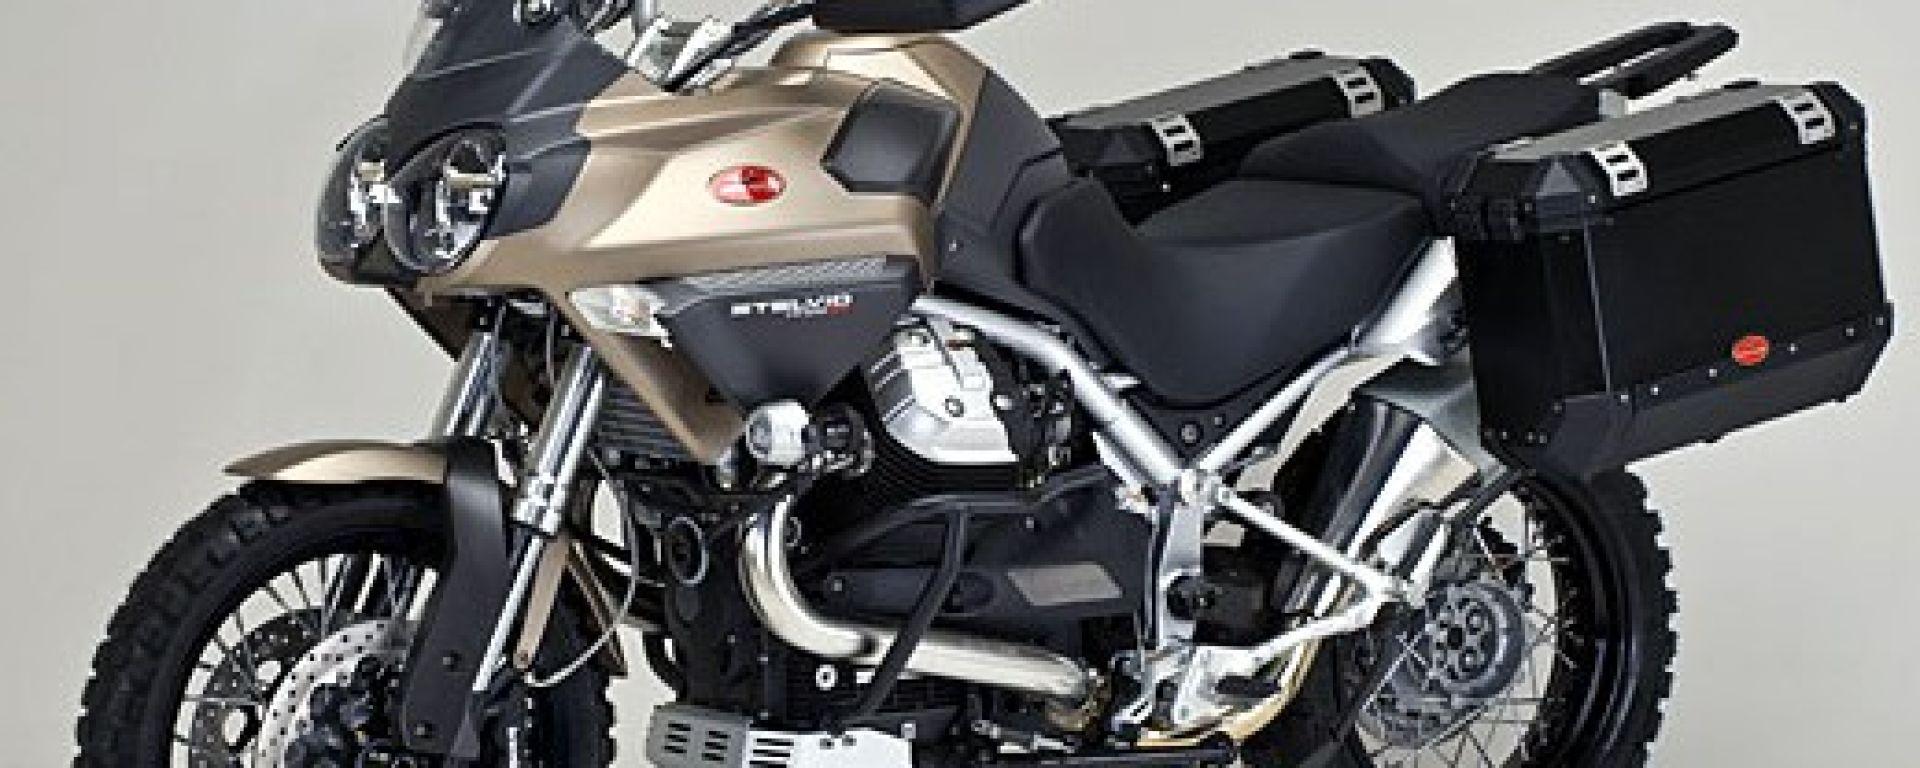 Moto Guzzi Stelvio TT